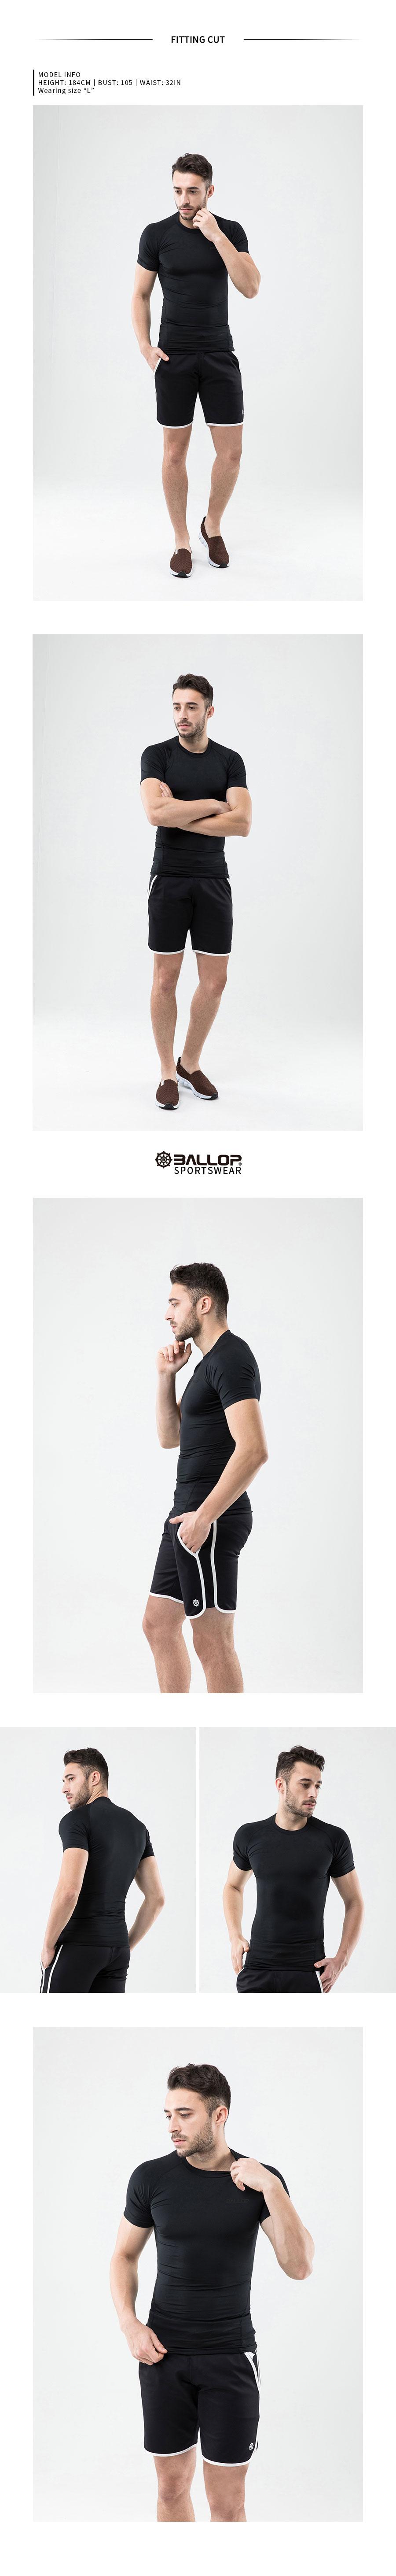 밸롭(BALLOP) [BALLOP] 밸롭 남성 기능성 언더레이어 숏 /스포츠웨어/운동복/헬스복